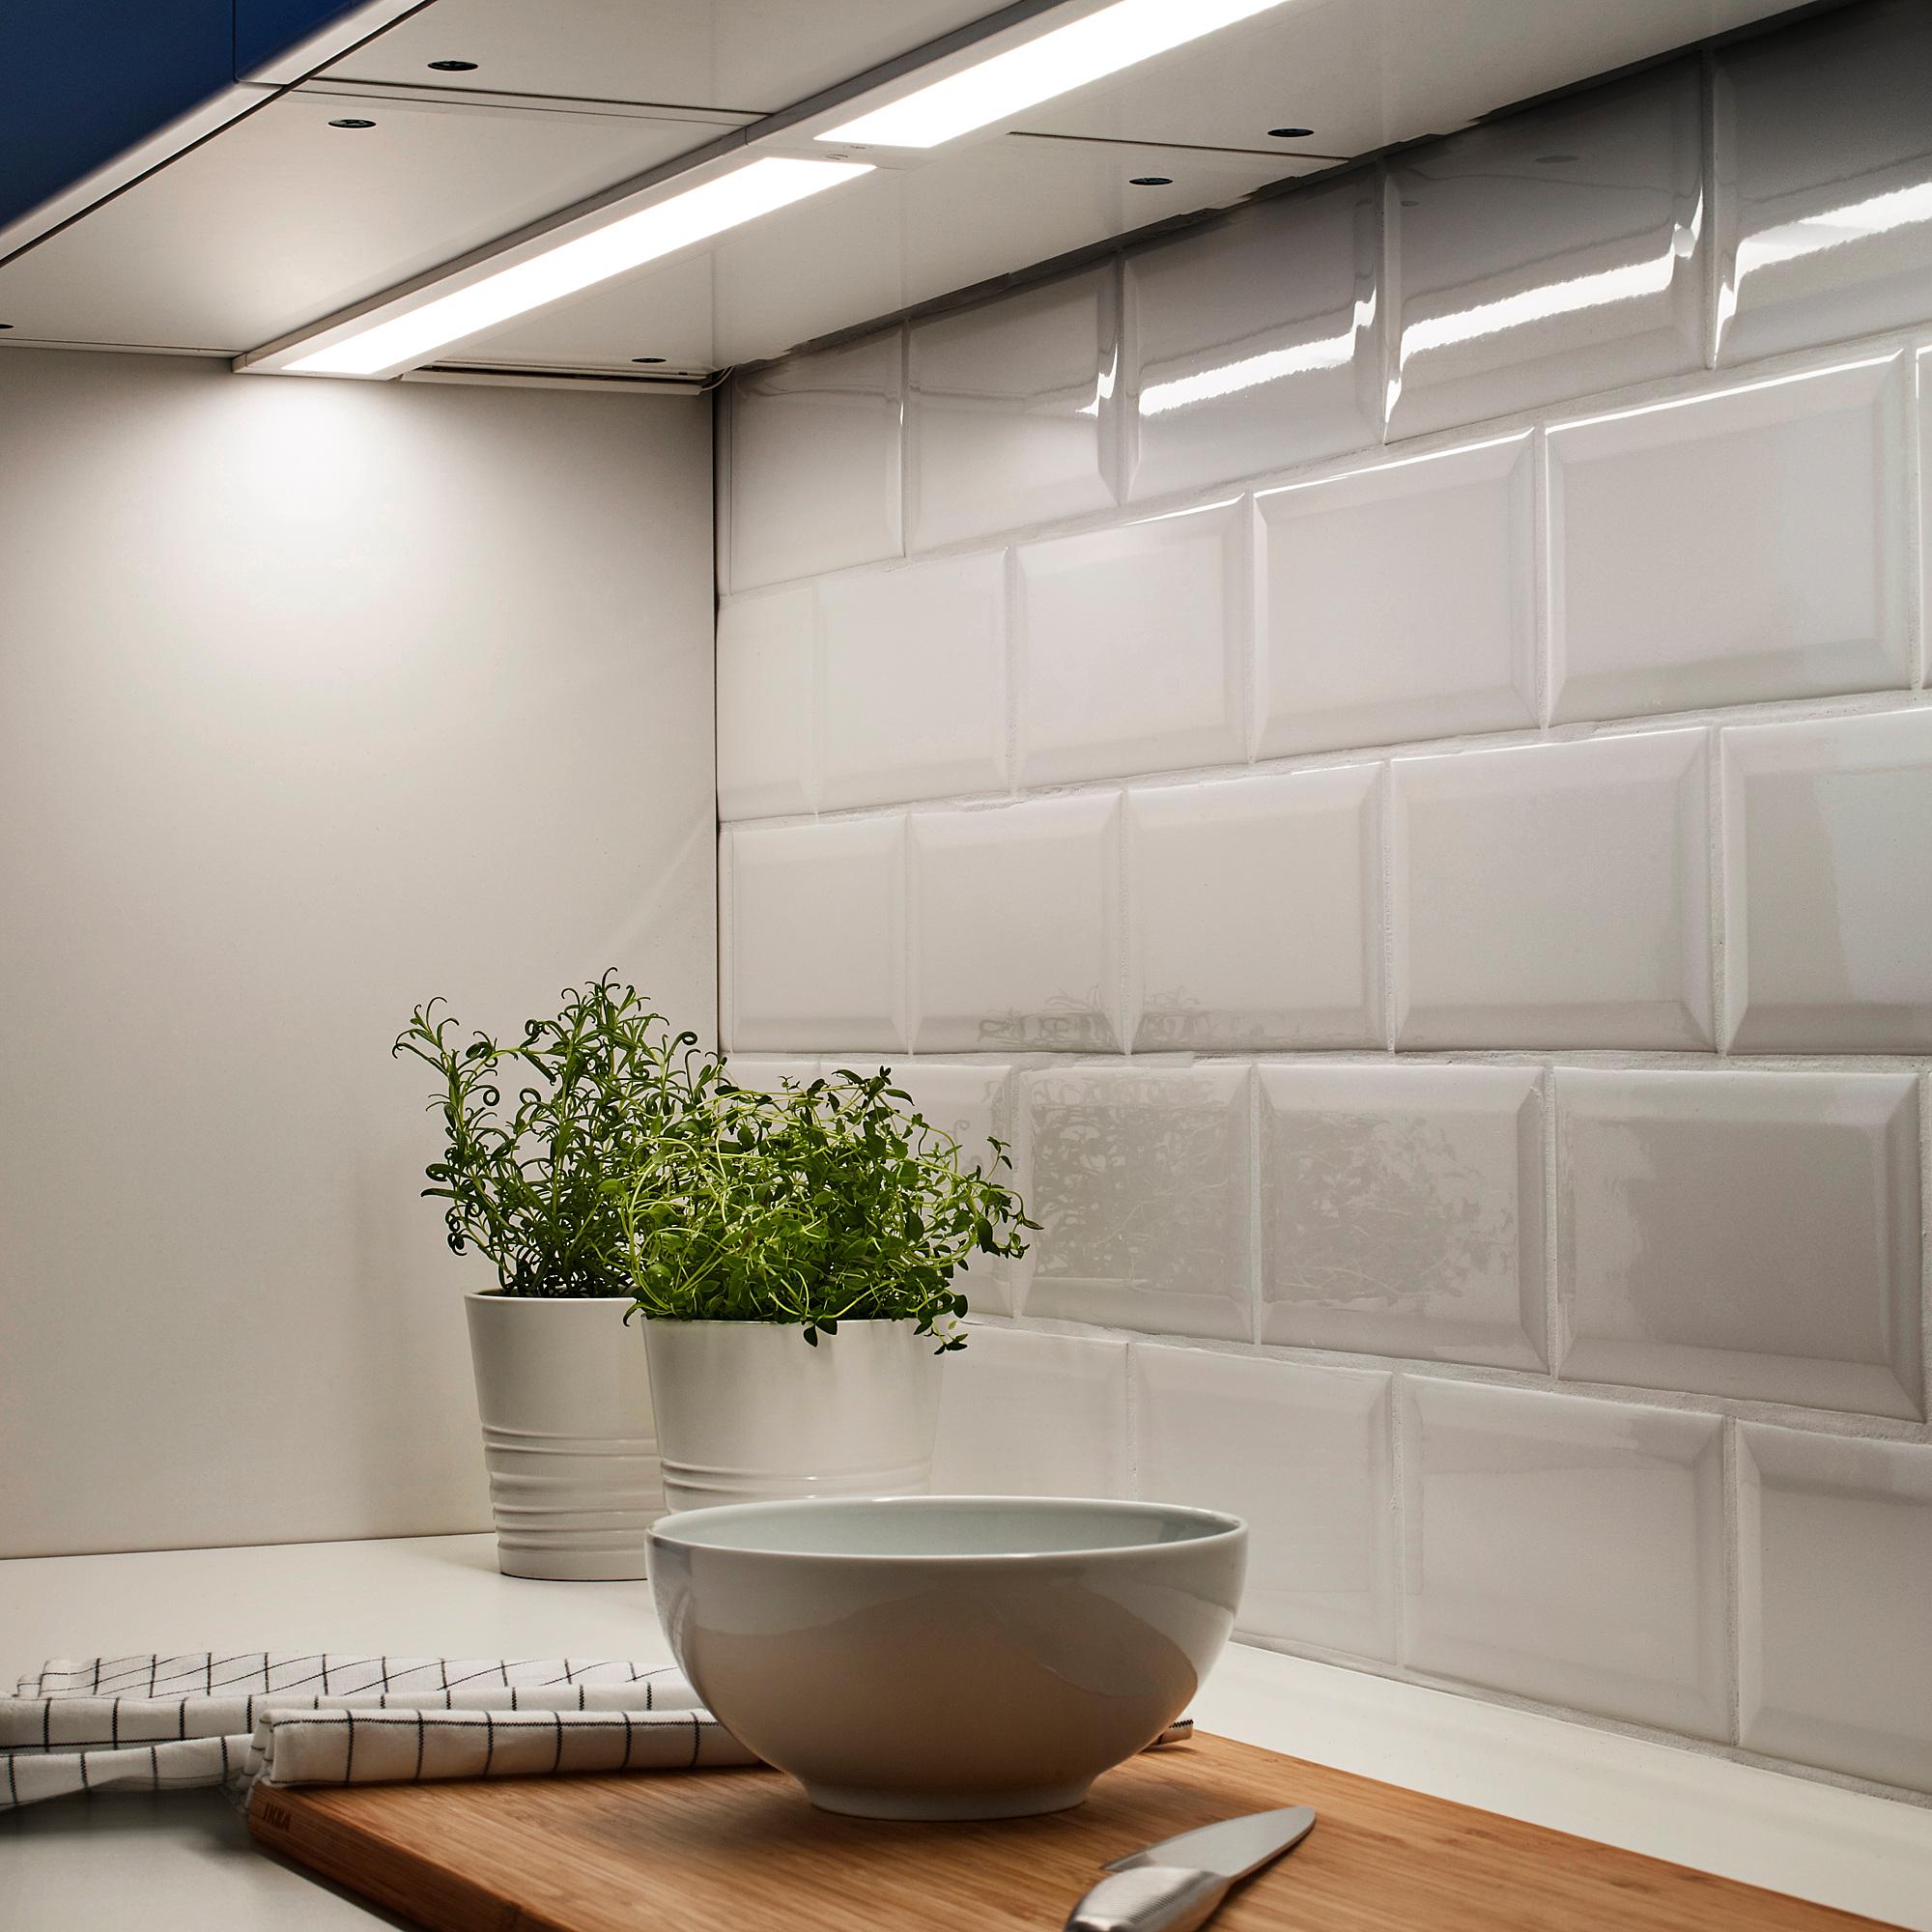 STRÖMLINJE LED worktop lighting